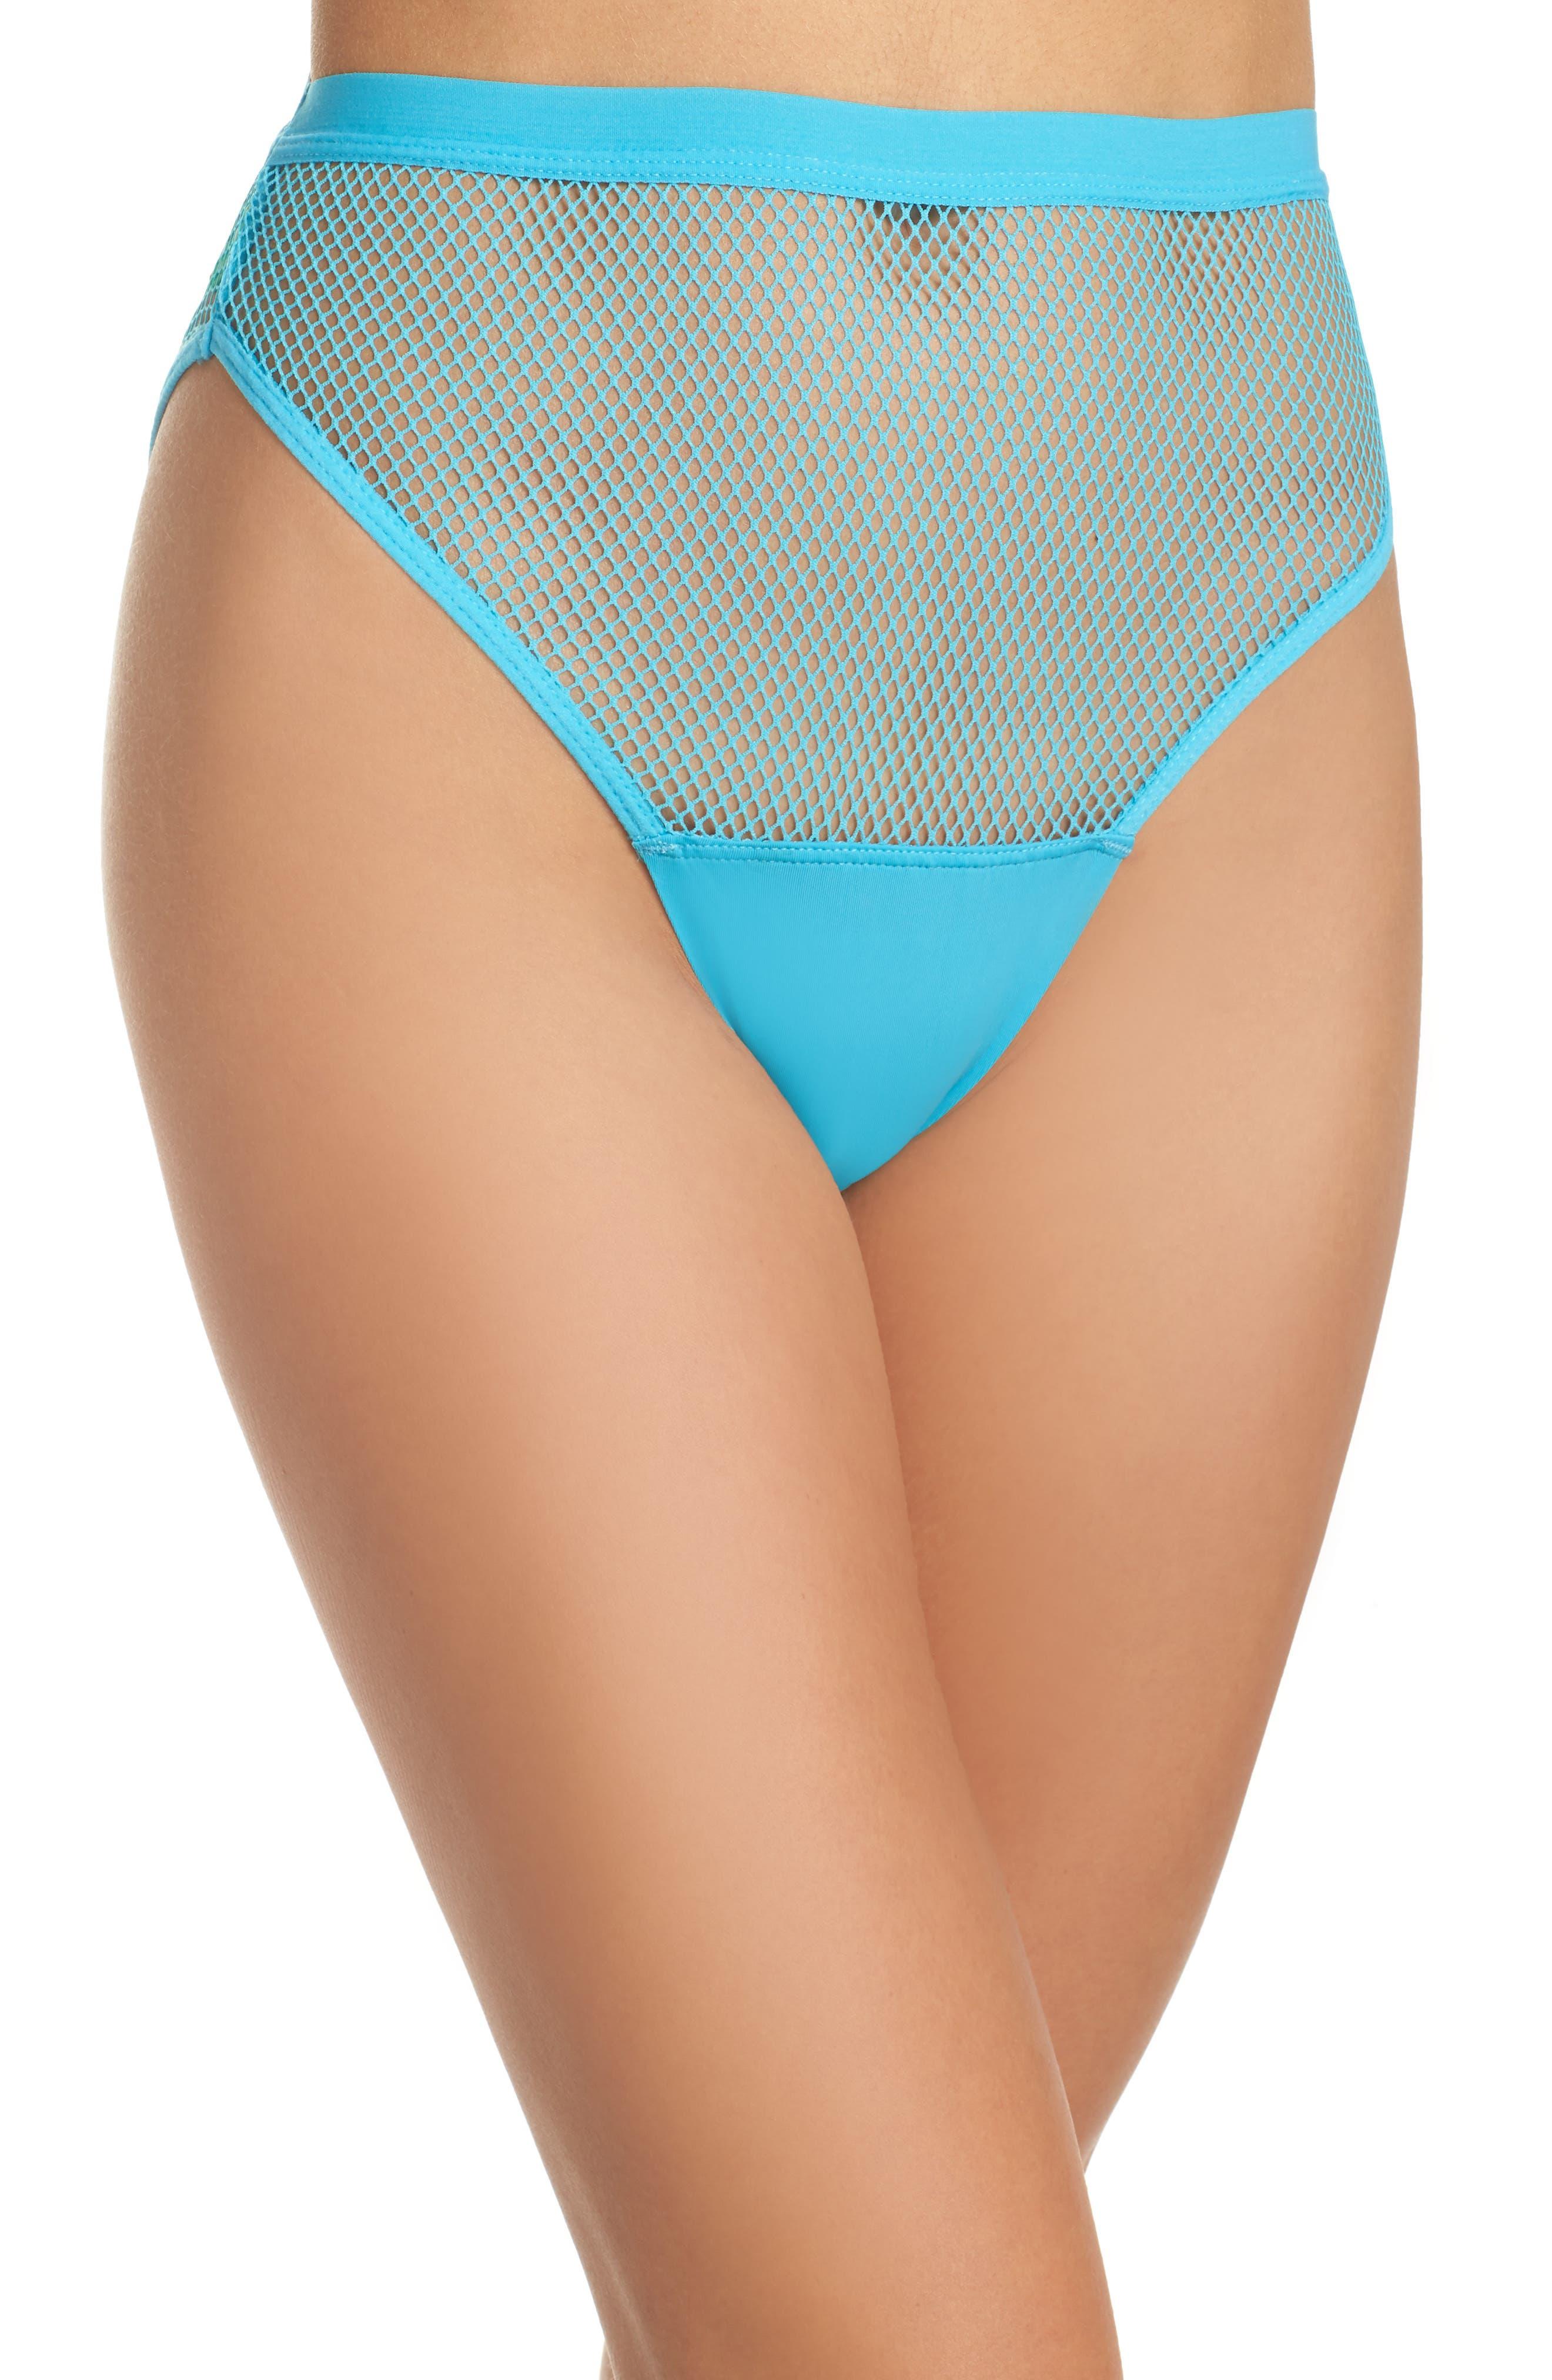 Main Image - Honeydew High Waist Fishnet Panties